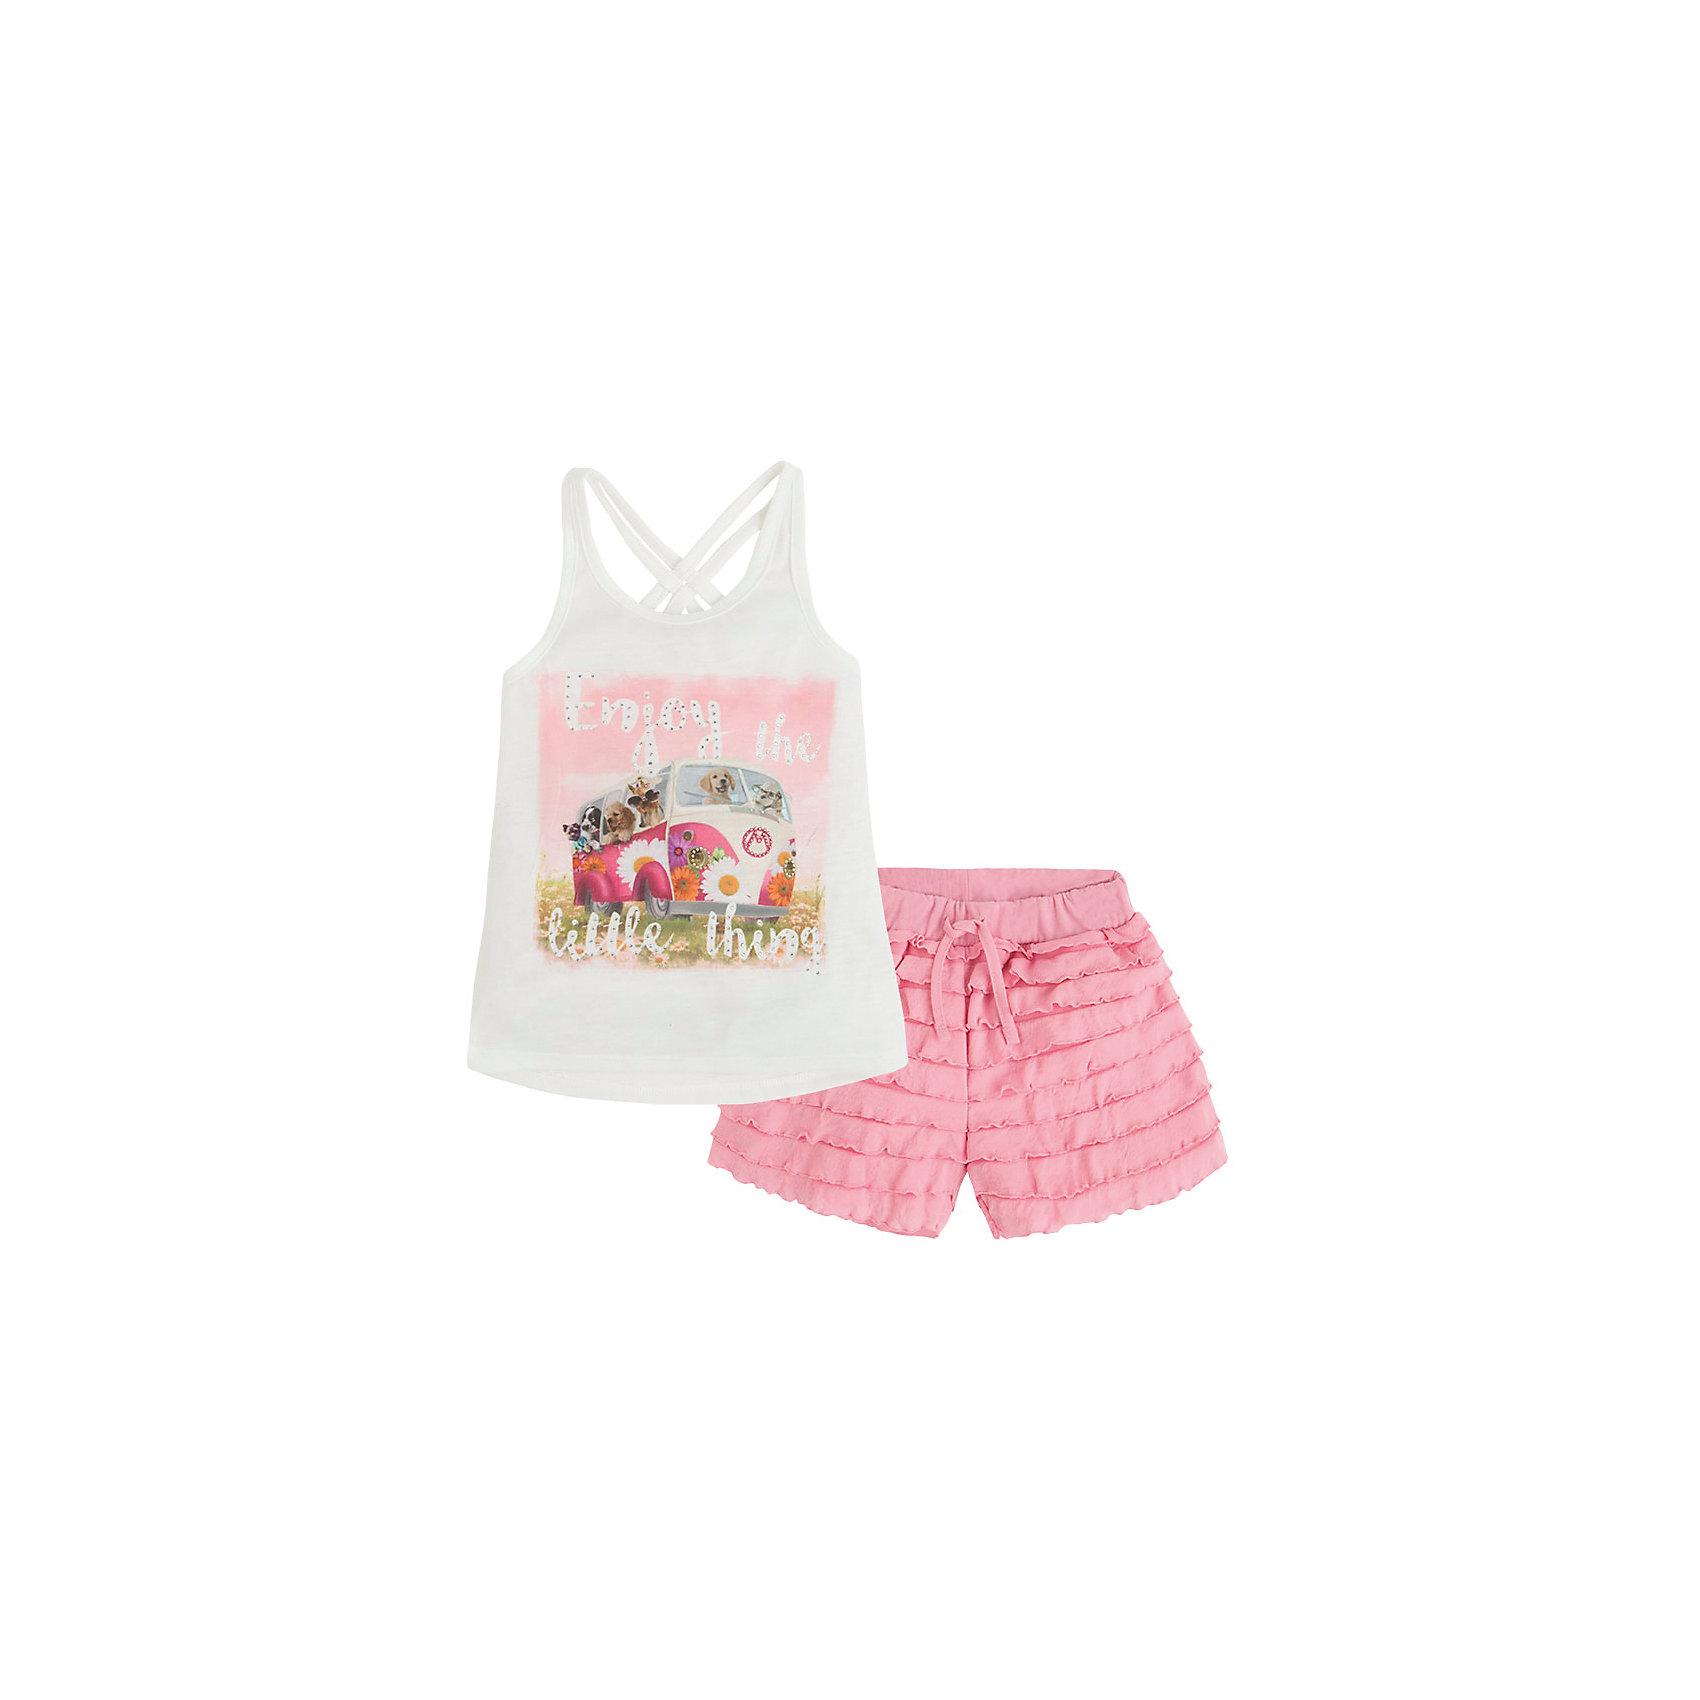 Комплект: футболка и шорты для девочки MayoralКомплект: футболка и шорты для девочки от известной испанской марки Mayoral <br><br>Очень красивый комплект от Mayoral - отличный вариант летней одежды для девочек! Выглядит нарядно и оригинально. Модель выполнена из качественных материалов, отлично сидит по фигуре.<br><br>Особенности модели:<br><br>- цвет: белый, розовый;<br>- на шортах - оборки, пояс на резинке;<br>- майка украшена принтом;<br>- лямки перекрещены, спина открыта.<br><br>Дополнительная информация:<br><br>Состав: 100% полиэстер<br><br>Комплект: футболка и шорты для девочки Mayoral (Майорал) можно купить в нашем магазине.<br><br>Ширина мм: 191<br>Глубина мм: 10<br>Высота мм: 175<br>Вес г: 273<br>Цвет: розовый<br>Возраст от месяцев: 24<br>Возраст до месяцев: 36<br>Пол: Женский<br>Возраст: Детский<br>Размер: 98,104,110,116,122<br>SKU: 4541986